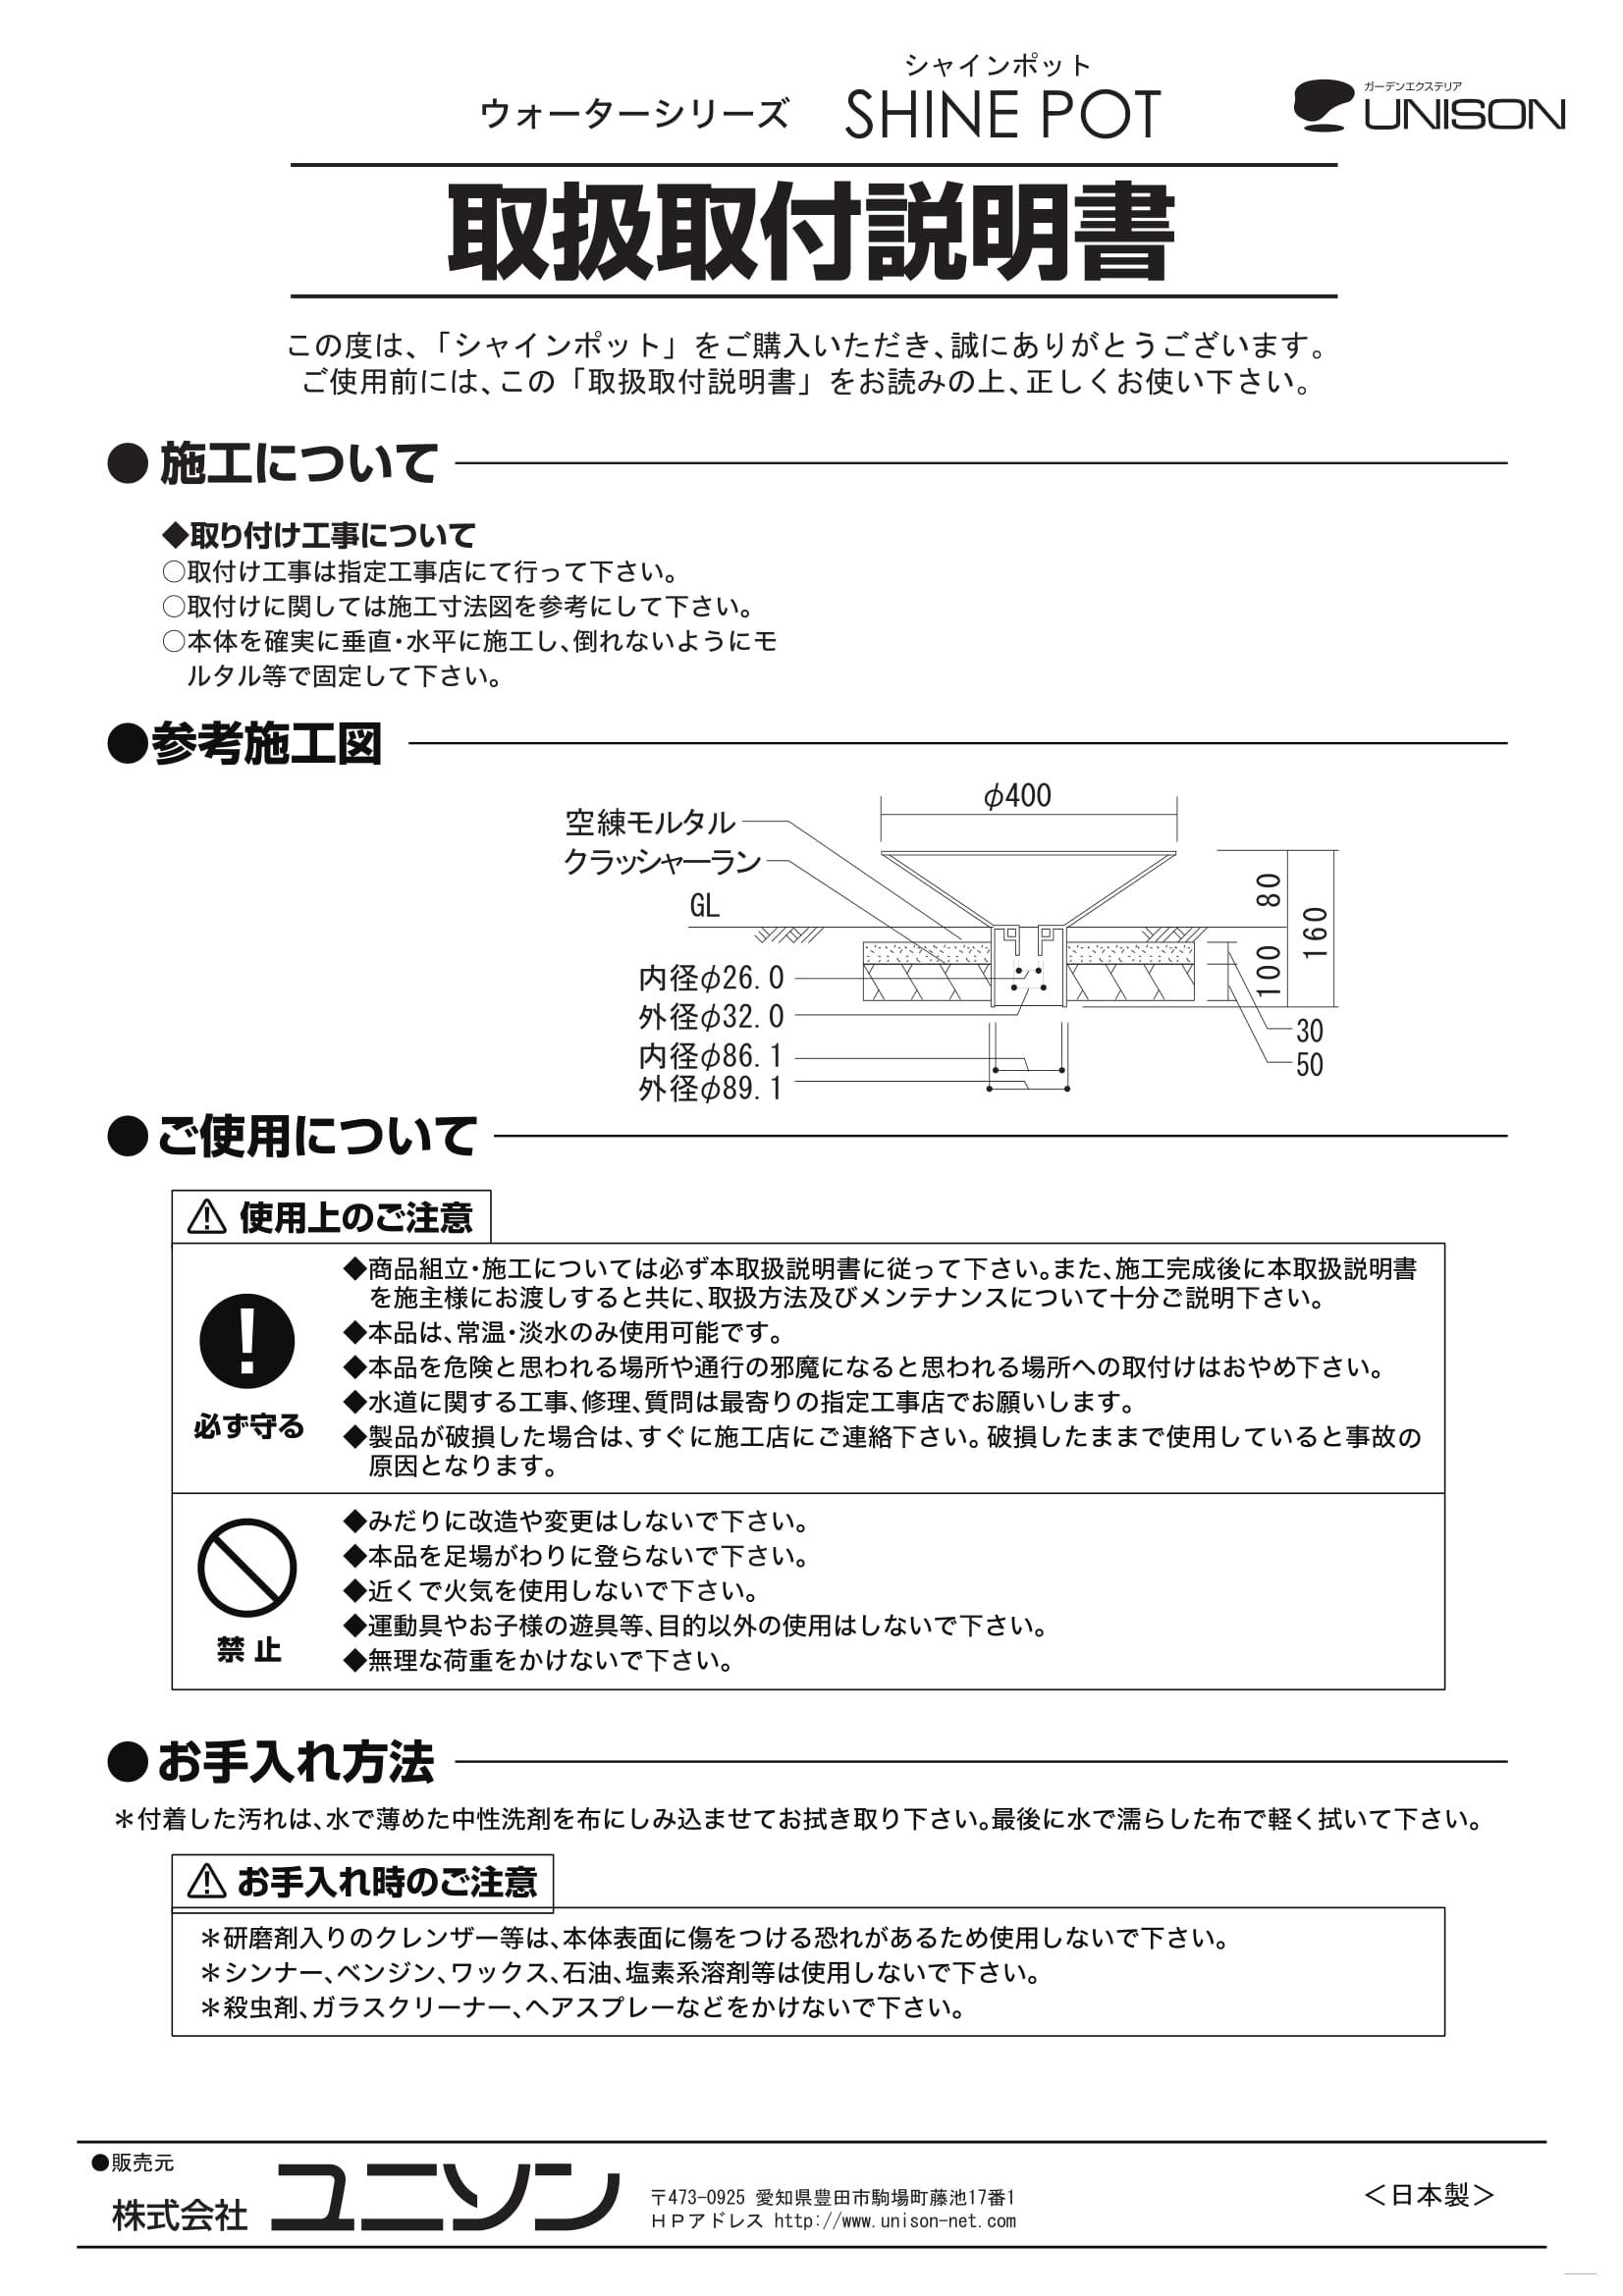 シャインポット_取扱説明書-1